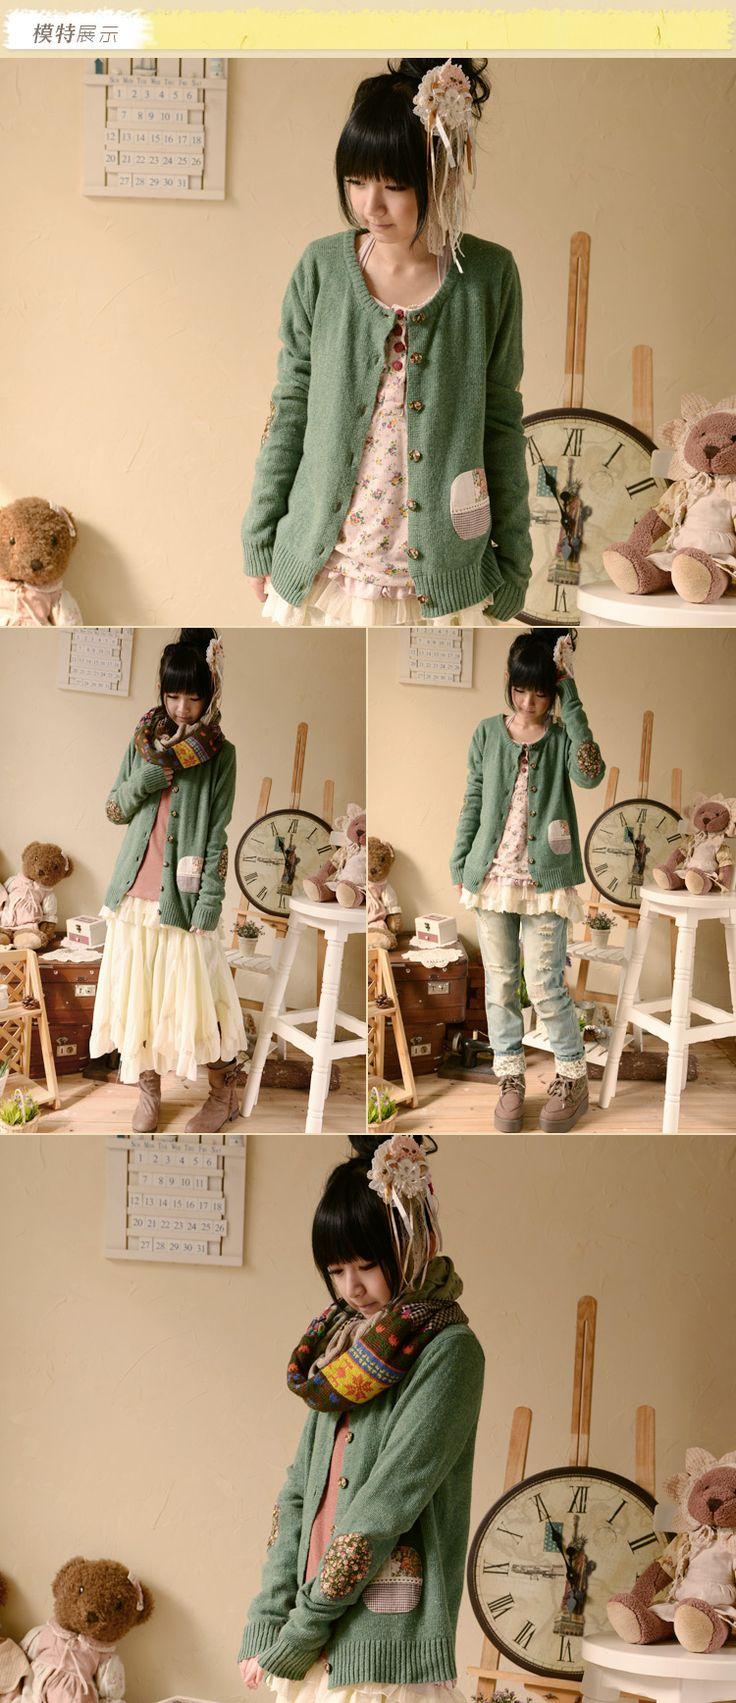 Мори девушка цветочный принт зеленый свитер кардиган бренди мелвилл женщин свободного покроя основной лучших свитер опрятный стиль лолита cawaii одеждакупить в магазине Joey BoutiqueнаAliExpress